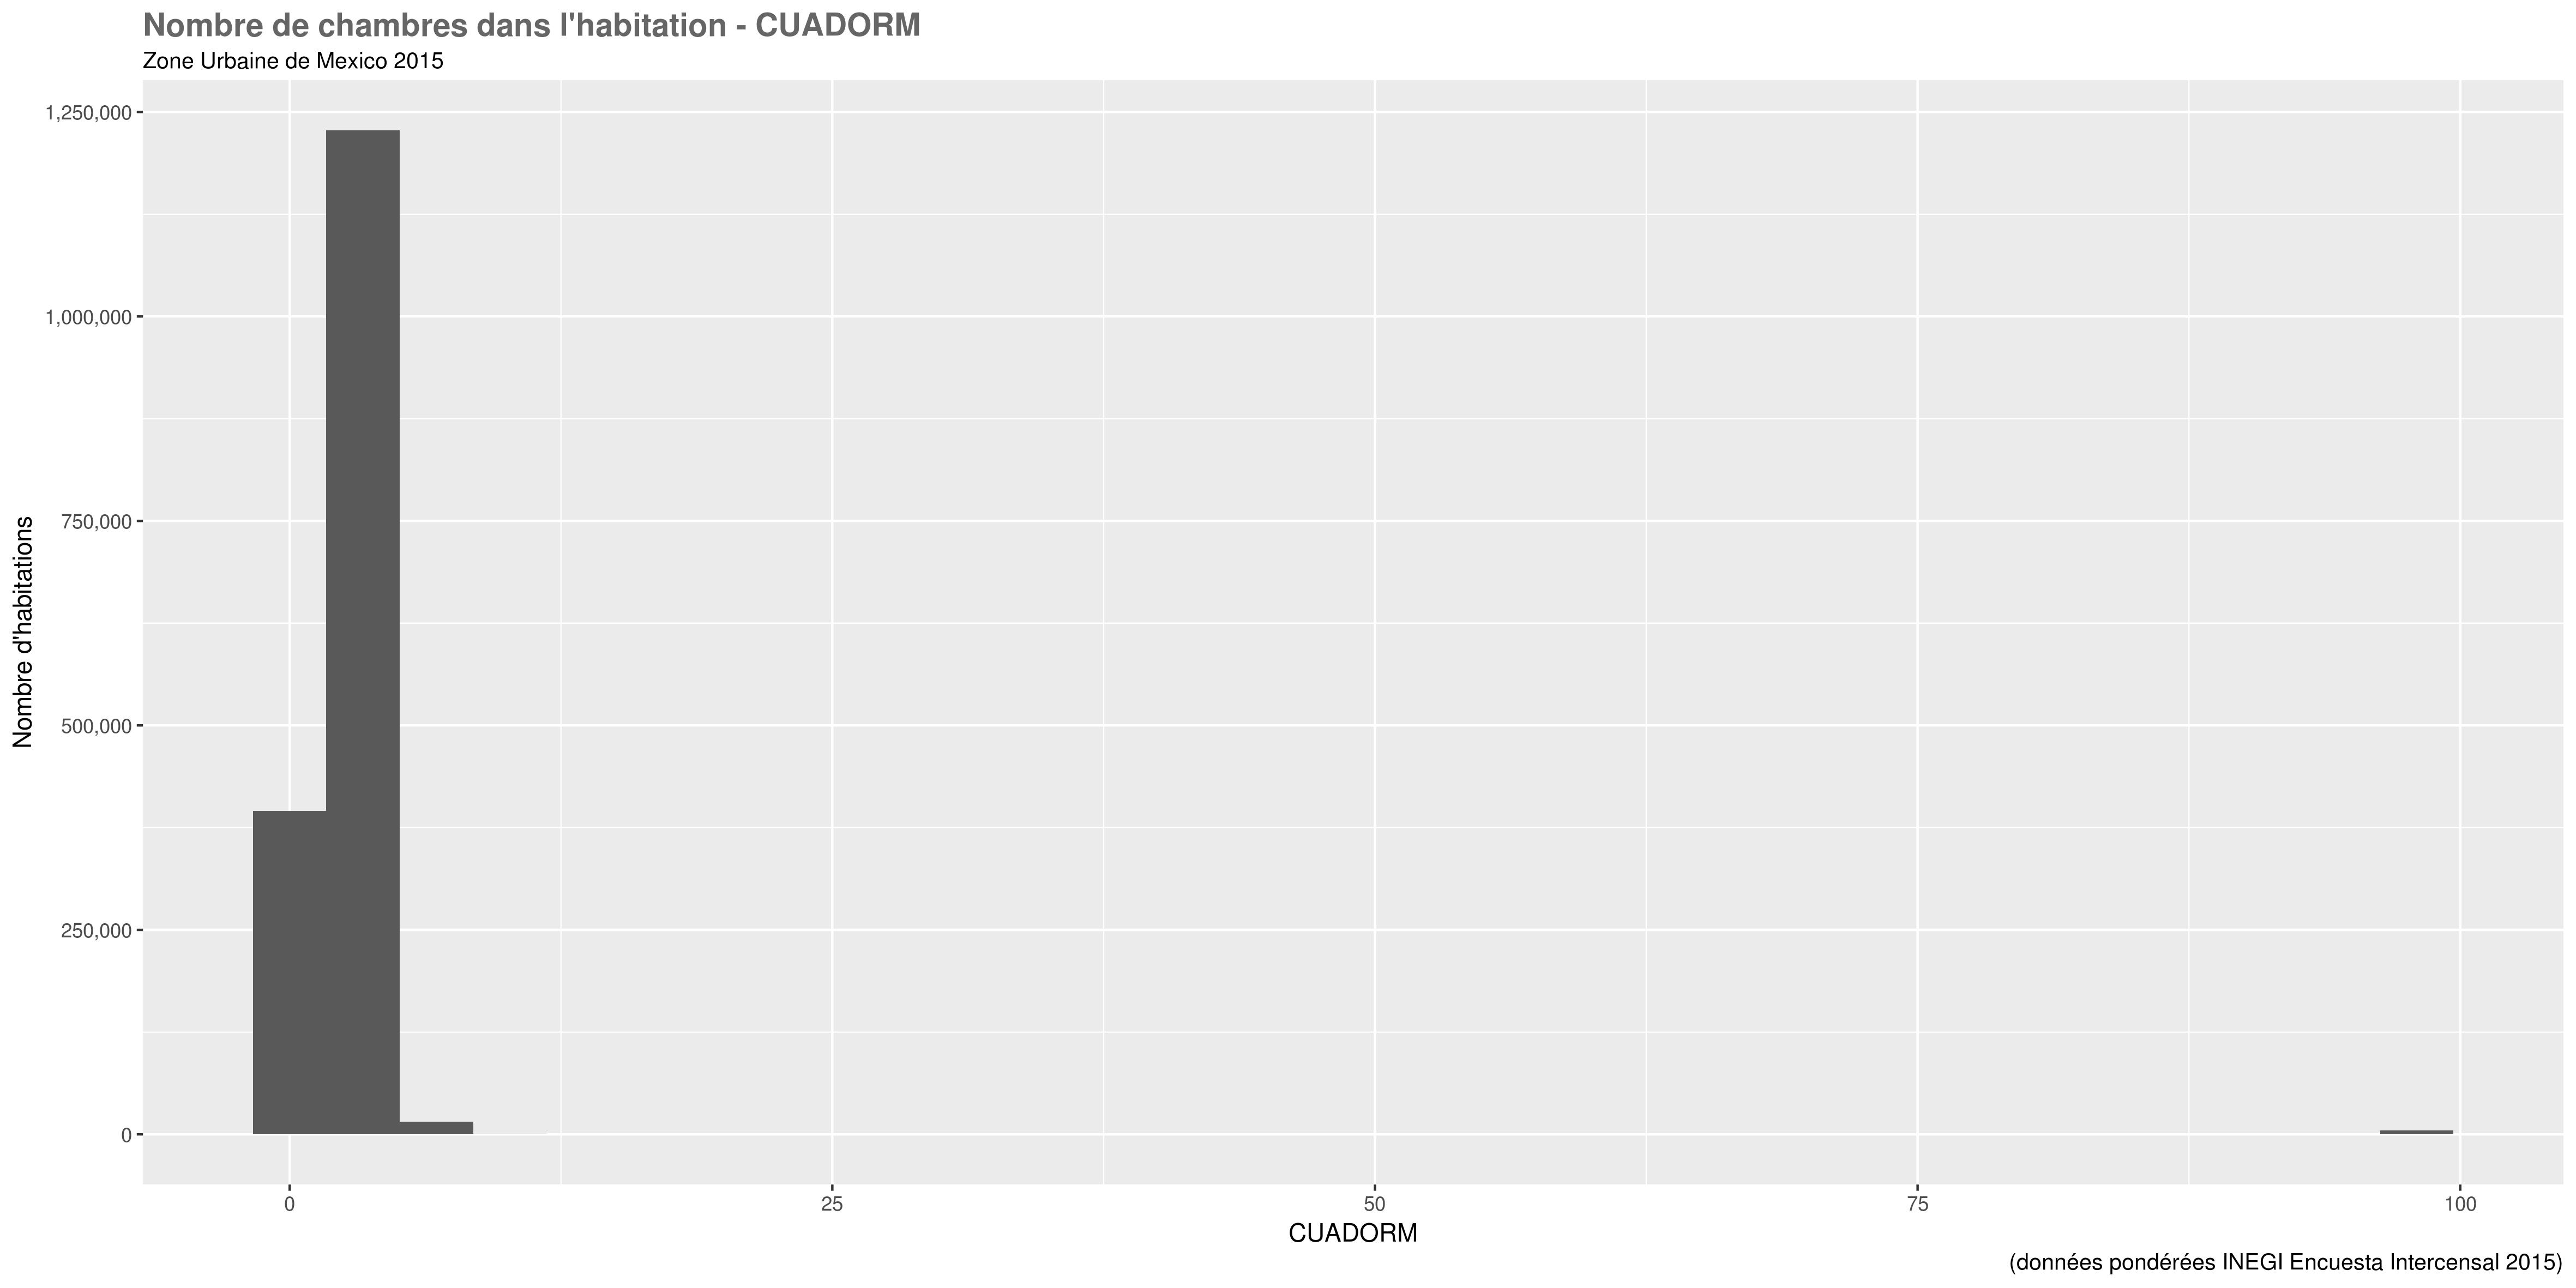 docs/images/distri_variables/CUADORM.png